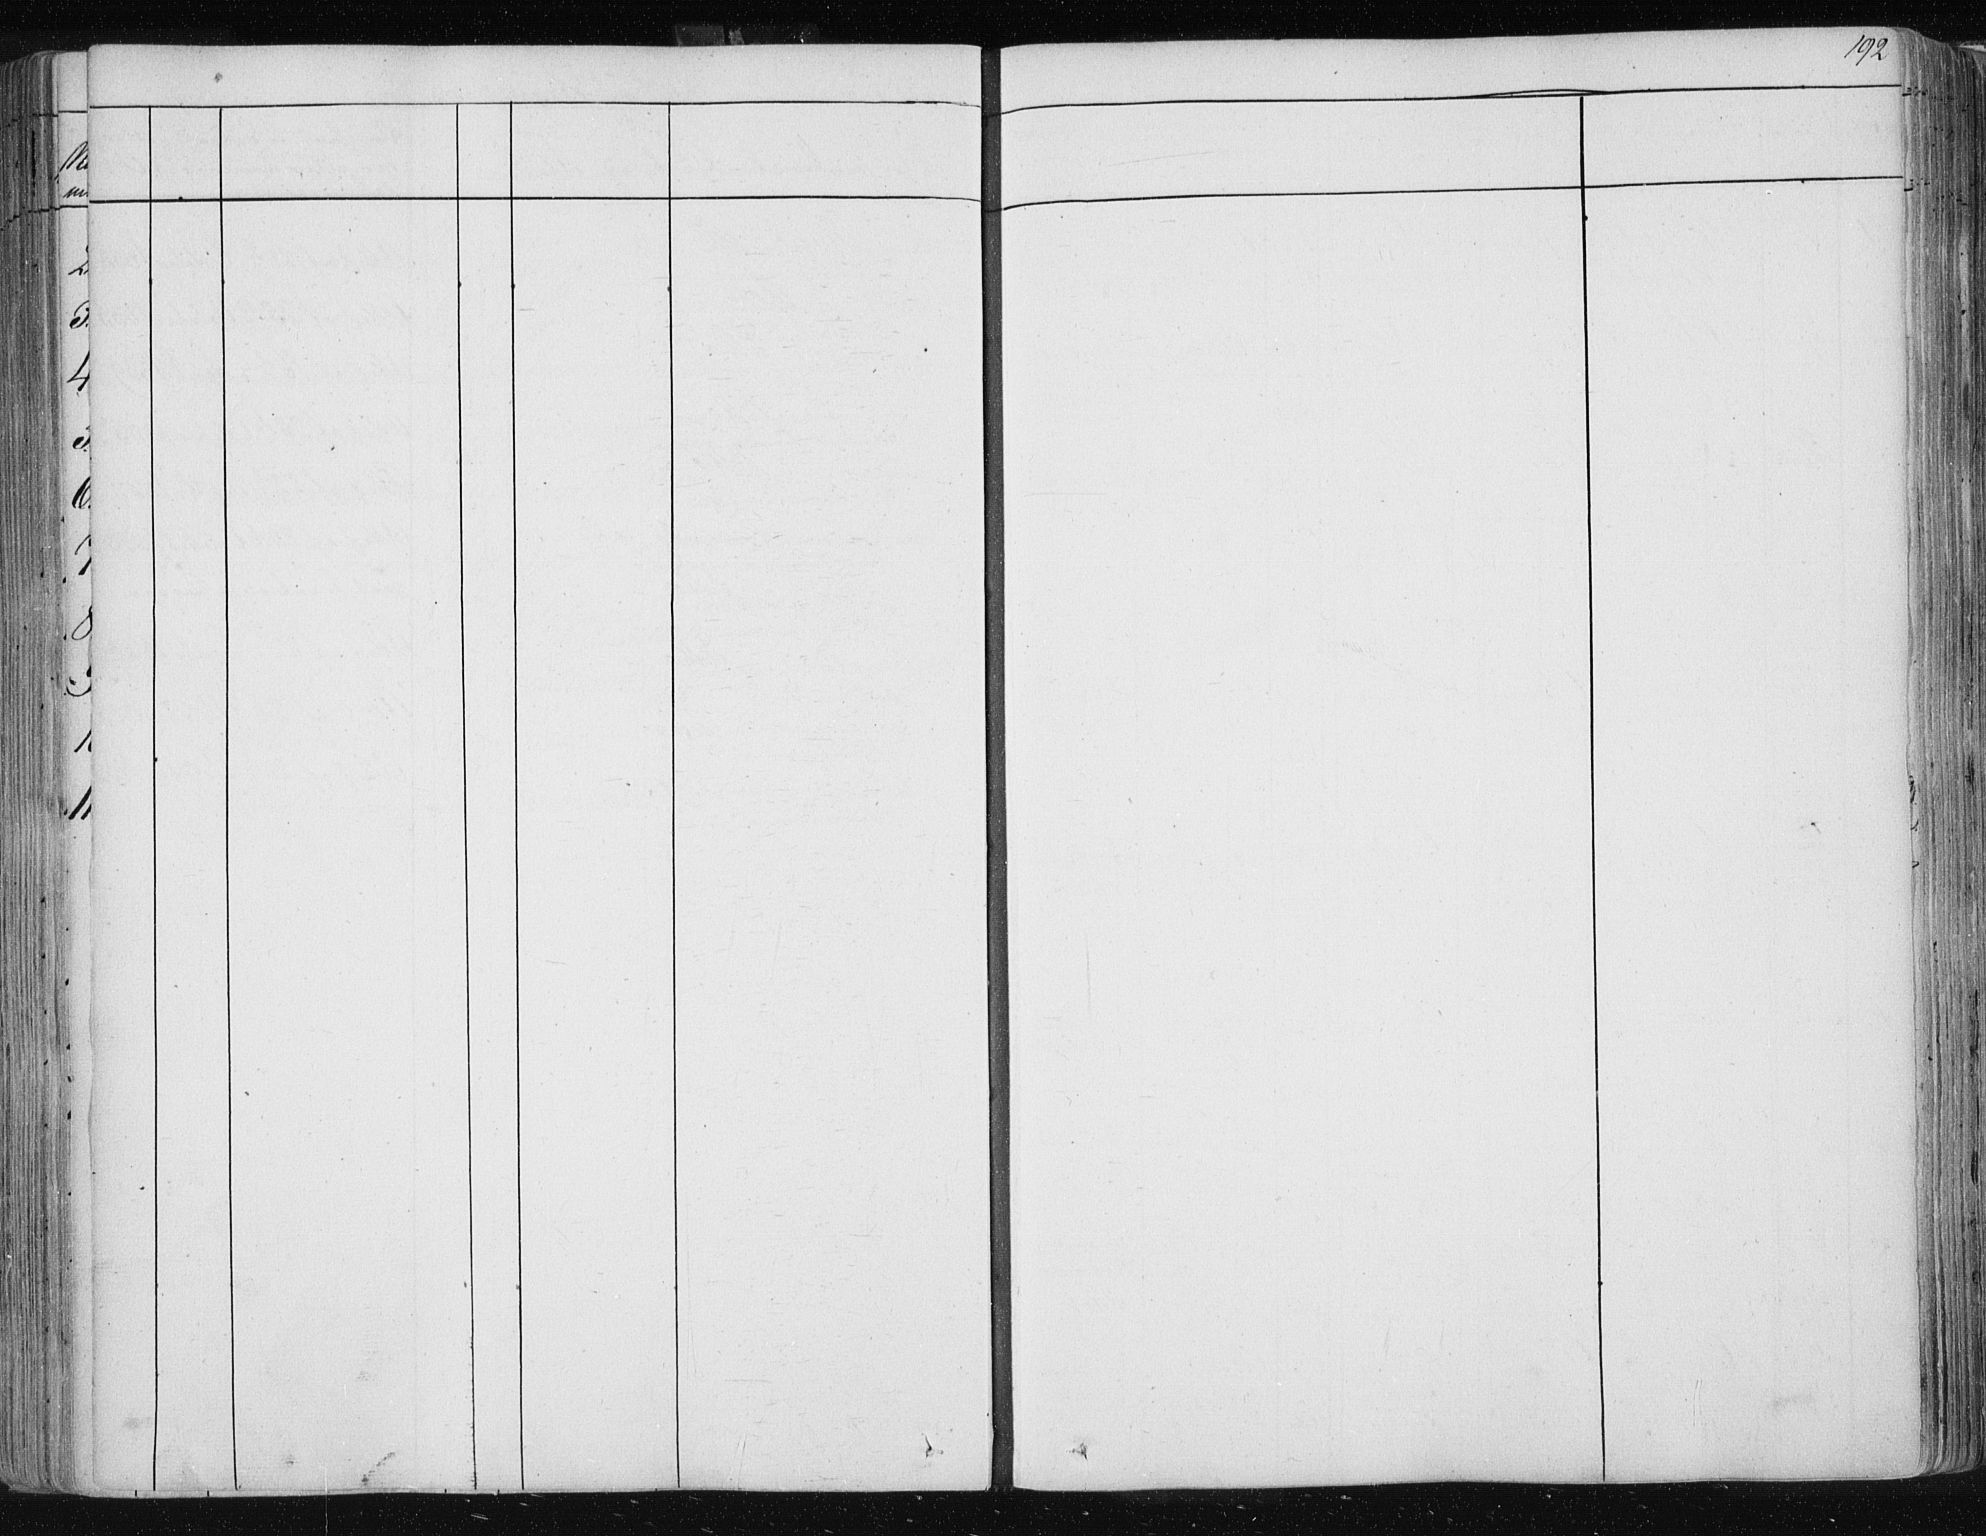 SAT, Ministerialprotokoller, klokkerbøker og fødselsregistre - Sør-Trøndelag, 687/L0999: Ministerialbok nr. 687A05 /3, 1843-1848, s. 192